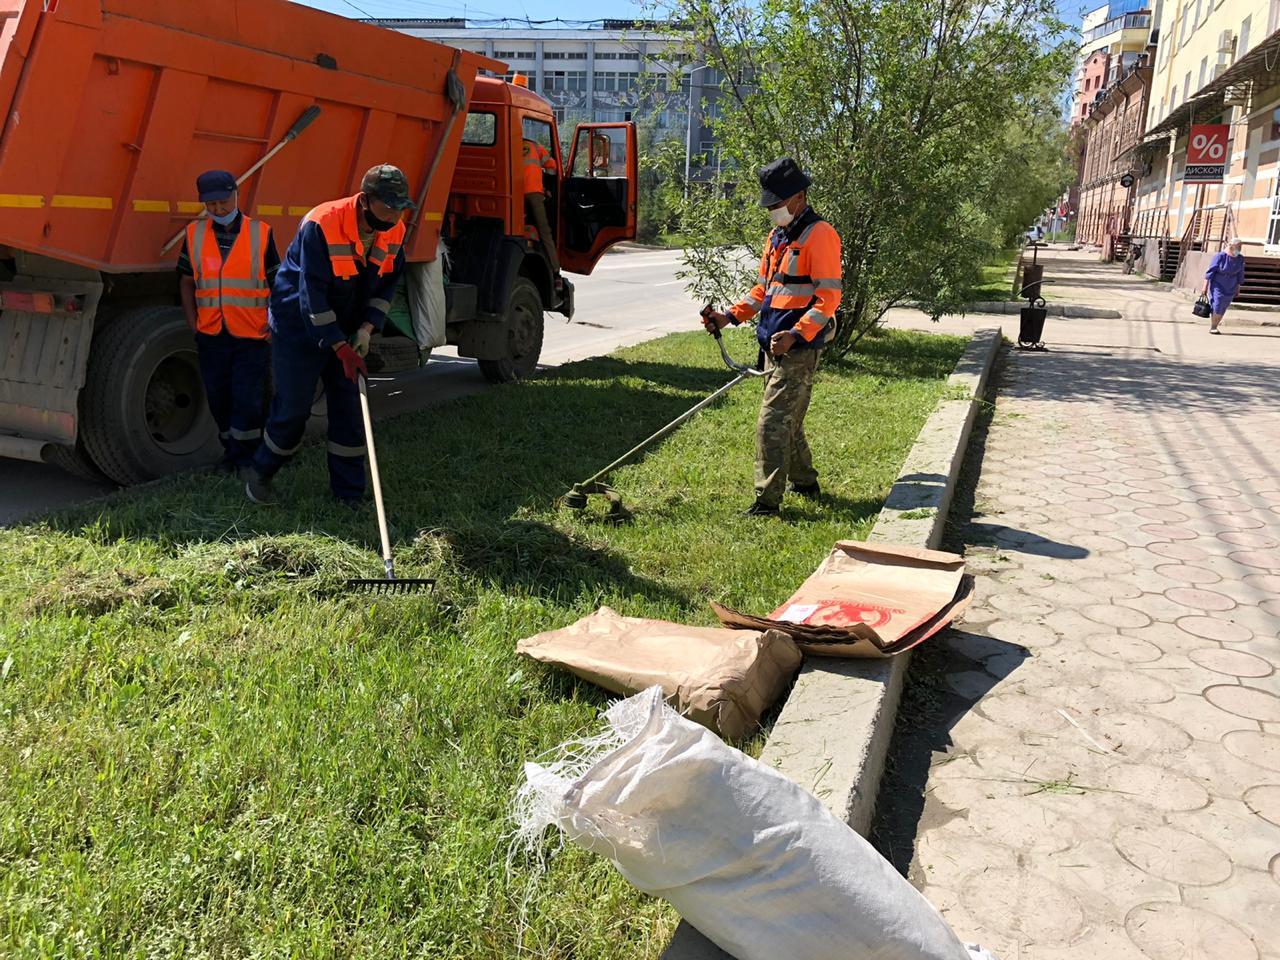 Плановая уборка пыли и ямочный ремонт улиц в Якутске 26 июня